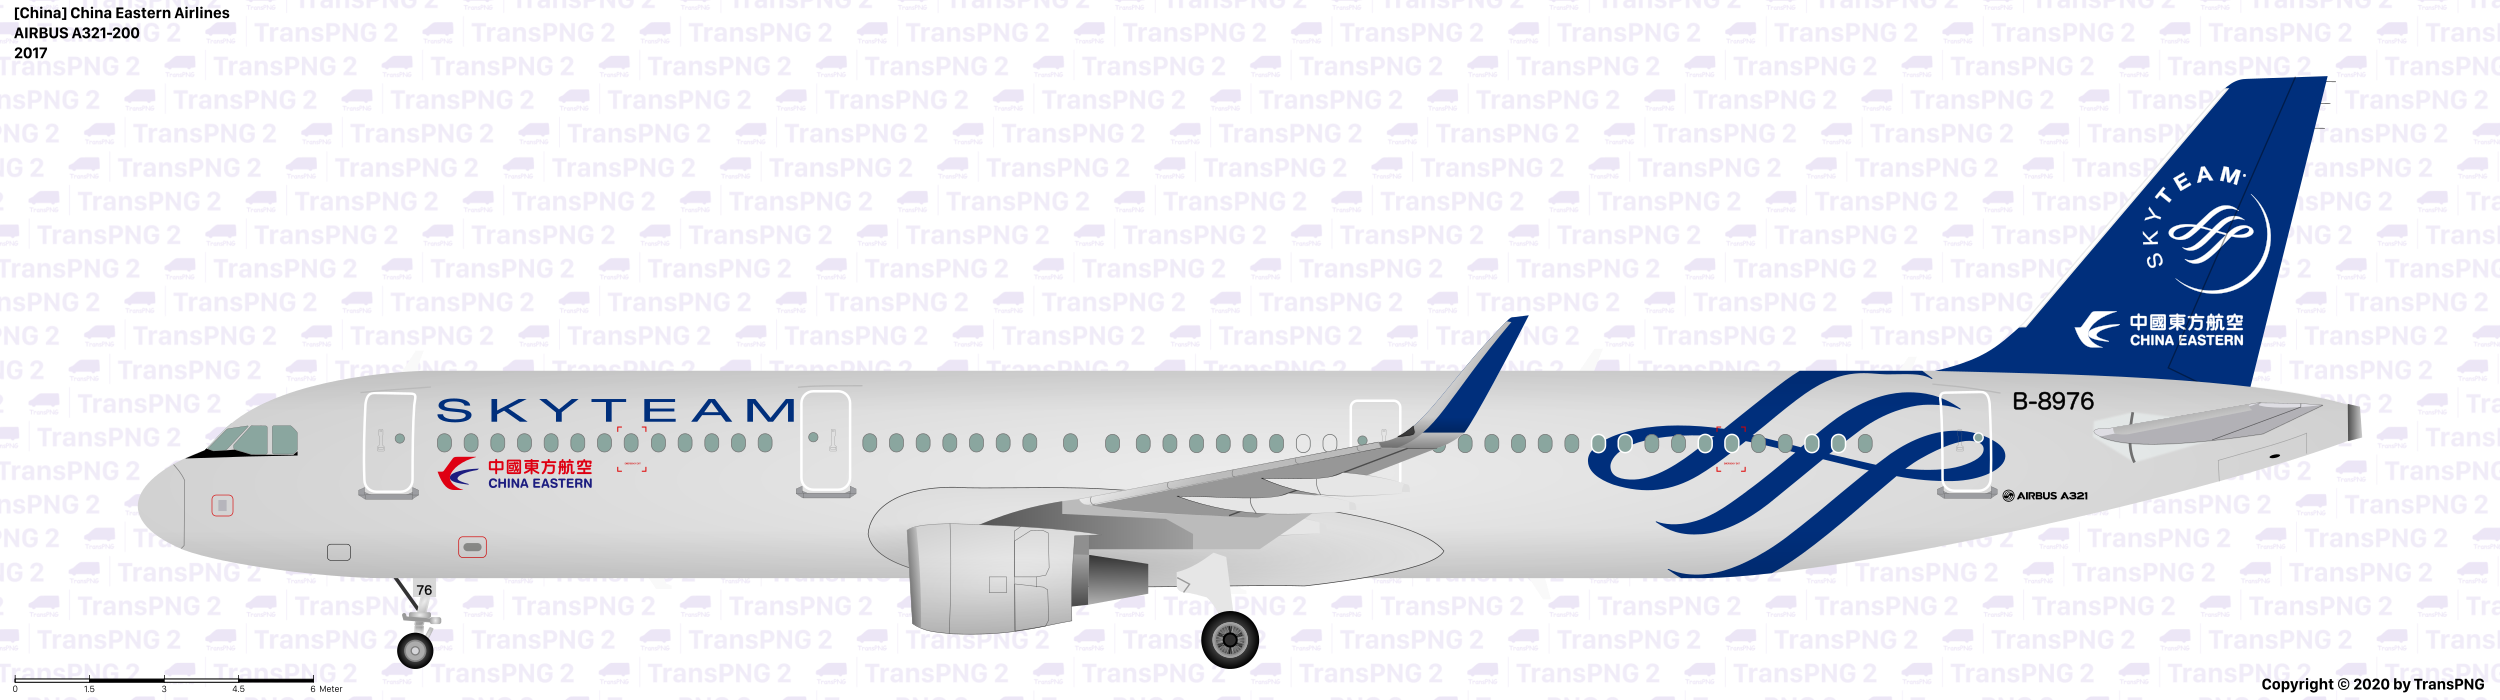 [25059] 中國東方航空 25059